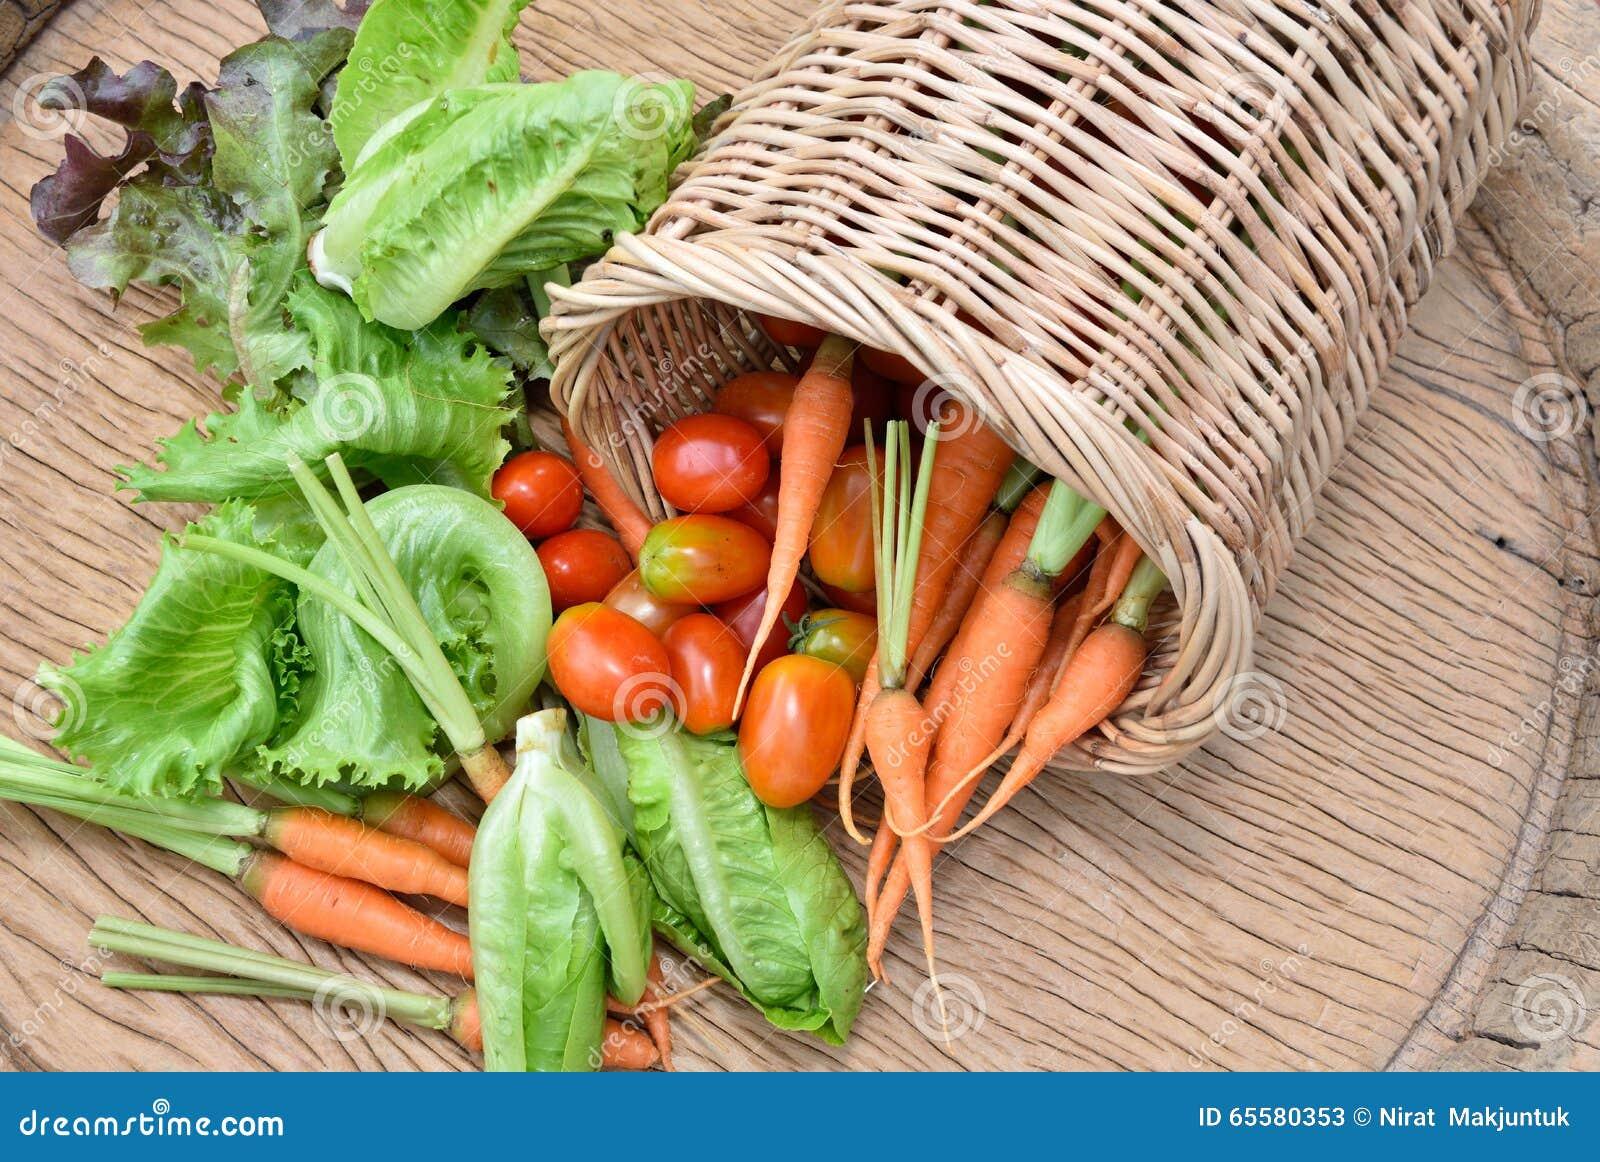 Vegetais orgânicos